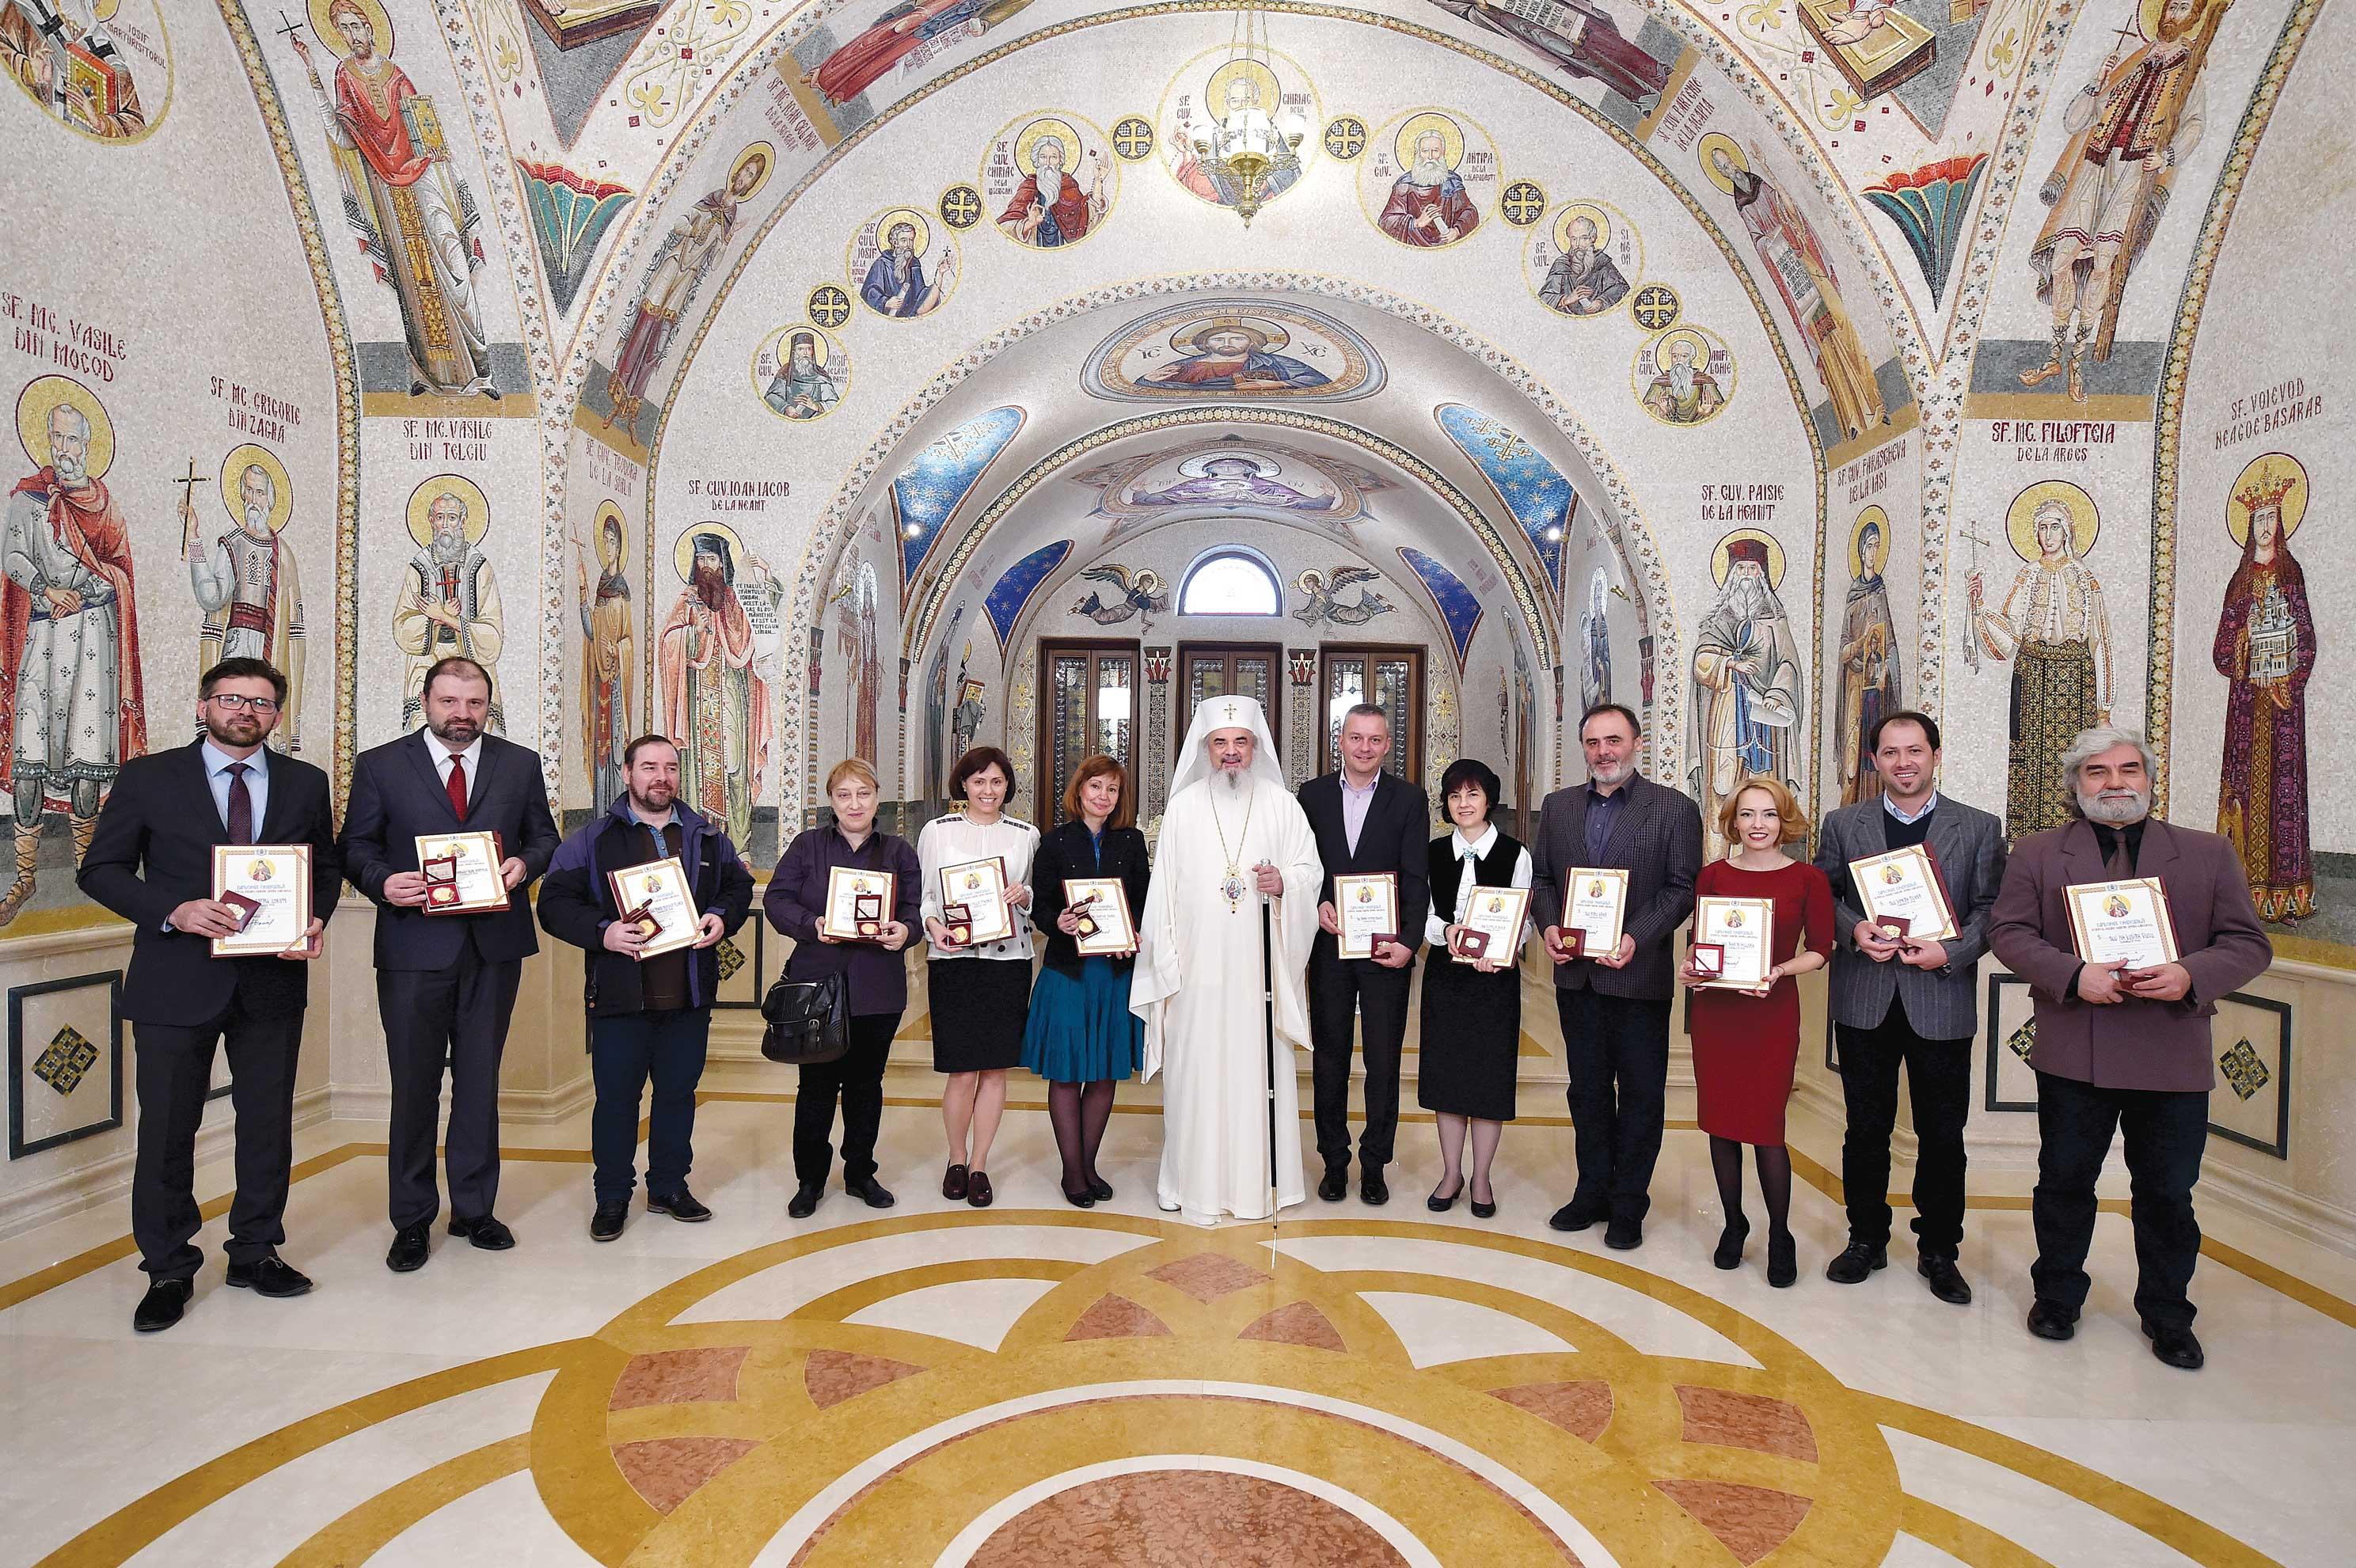 Distincții pentru jurnaliști creștini